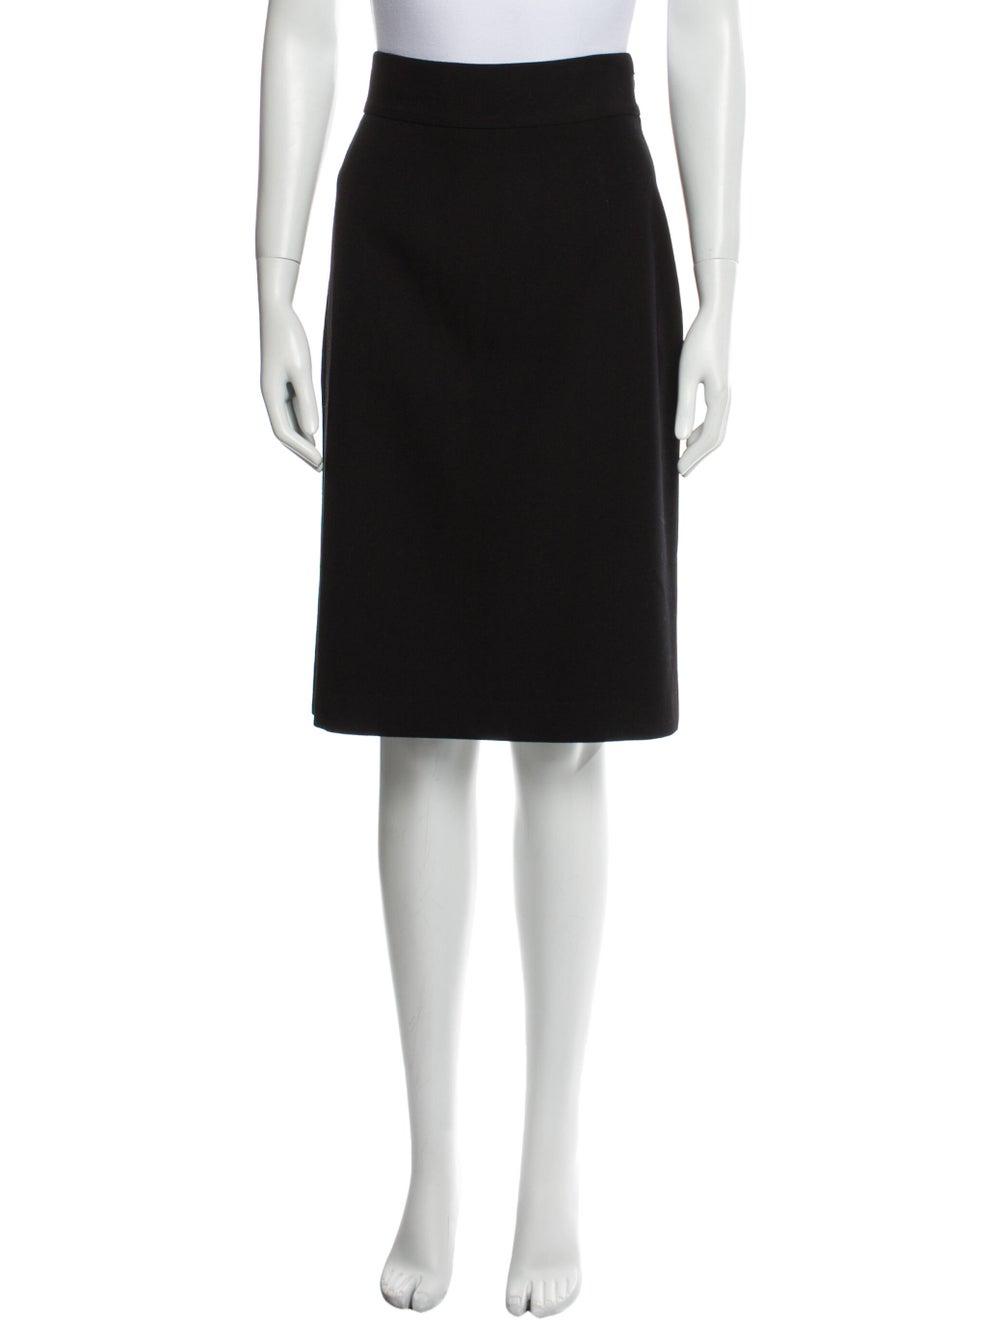 Prada Virgin Wool Knee-Length Skirt Wool - image 1